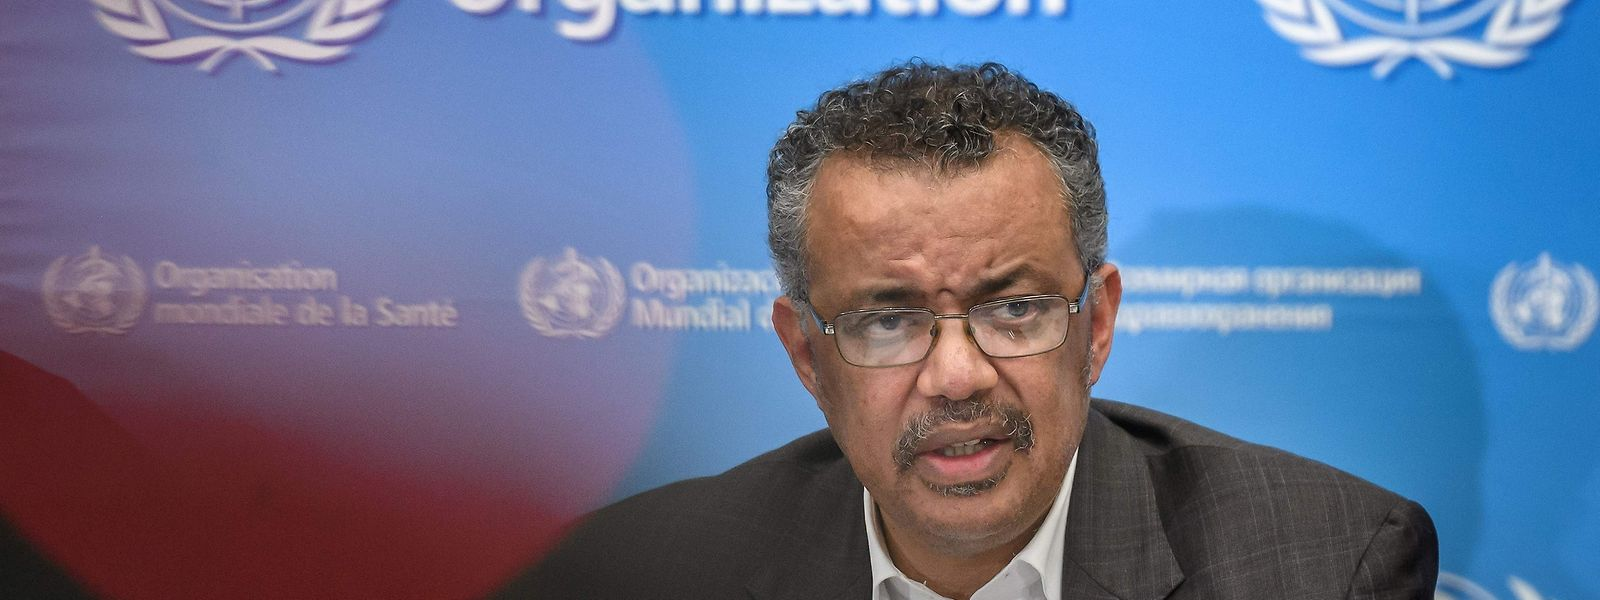 Le directeur général de l'OMS, Tedros Adhanom Ghebreyesusa, craint que le virus se propage dans des pays dont les systèmes de santé sont plus faibles.